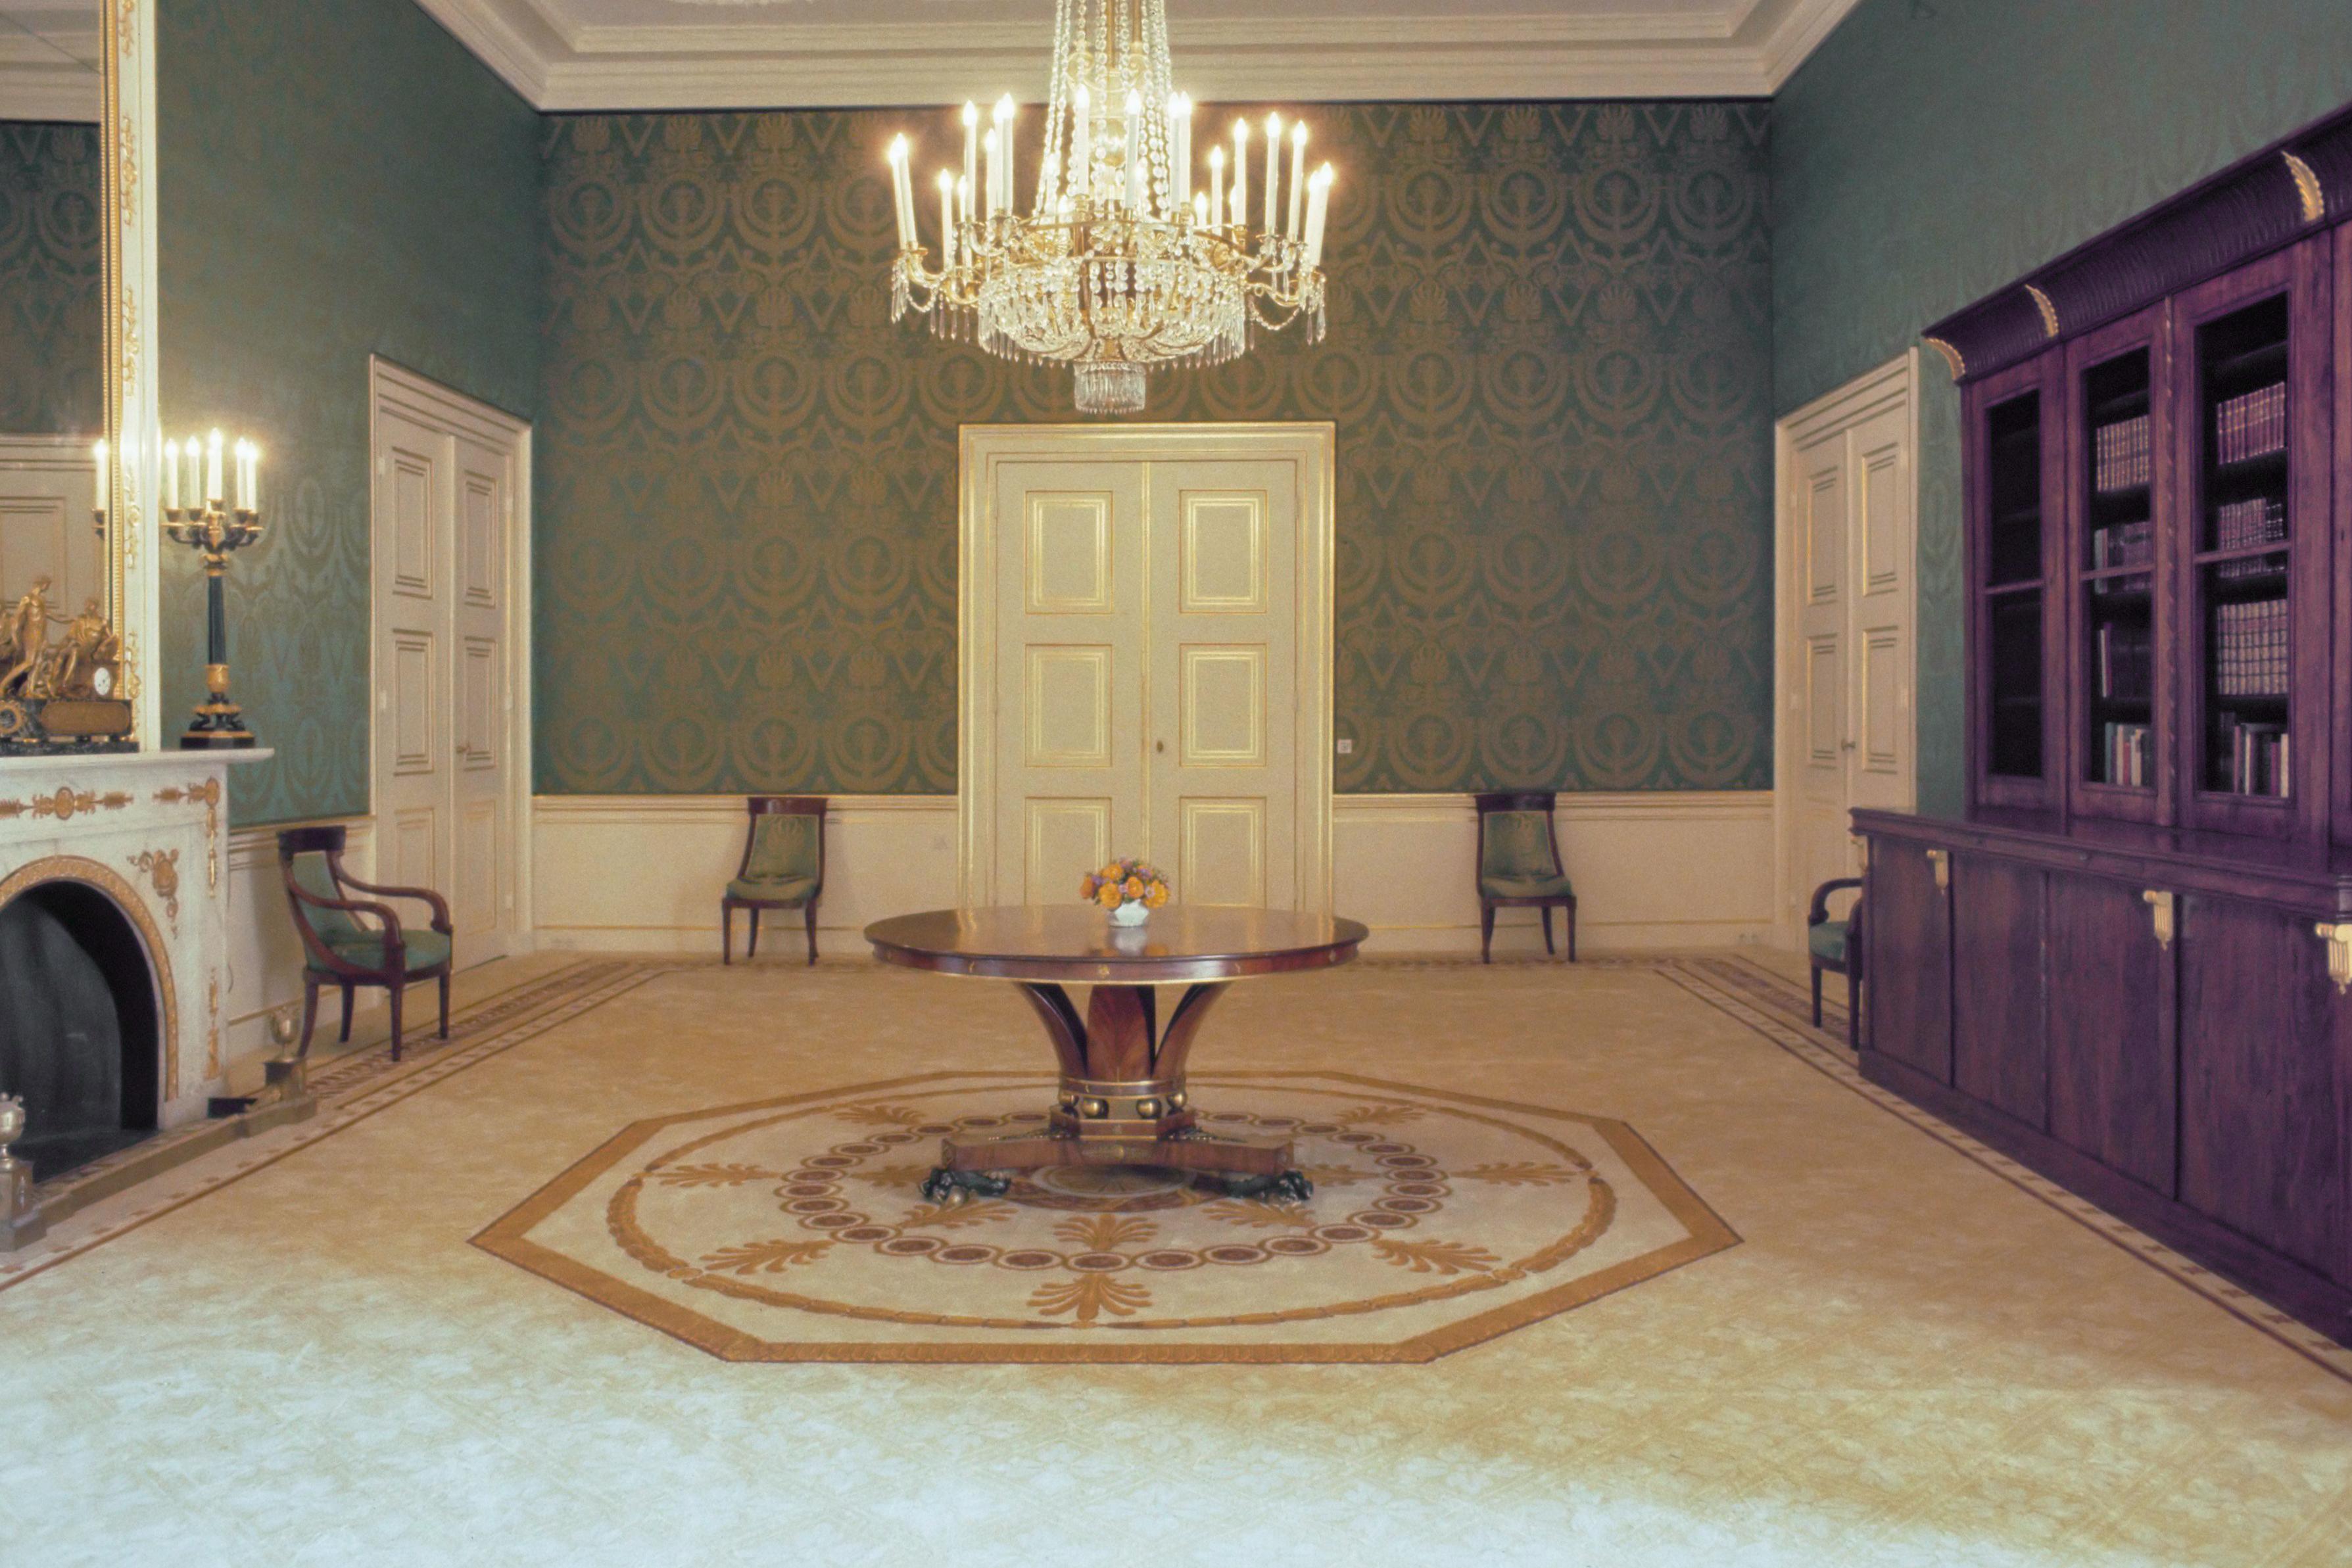 File:Interieur Paleis Noordeinde - grote anti Chambre (1984).jpg ...